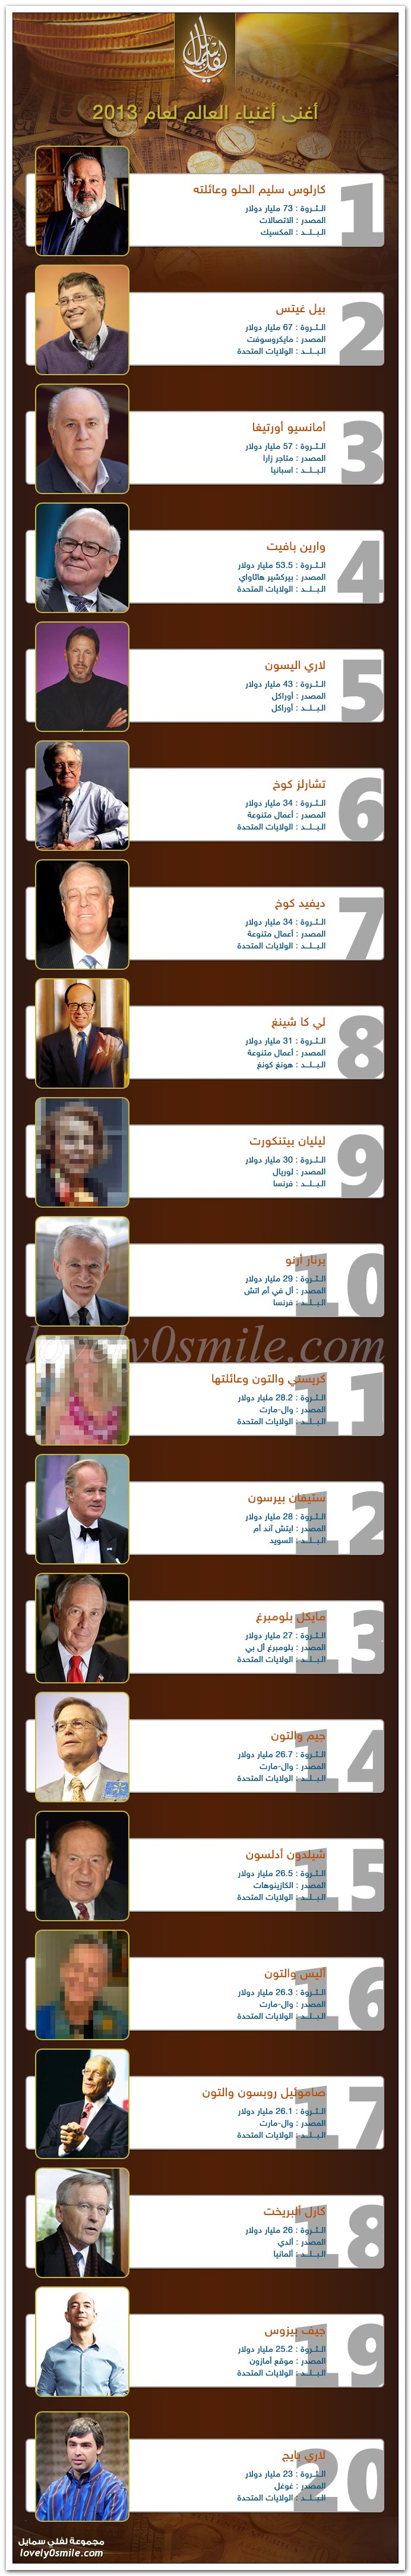 أغنى أغنياء  العالم لعام 2013